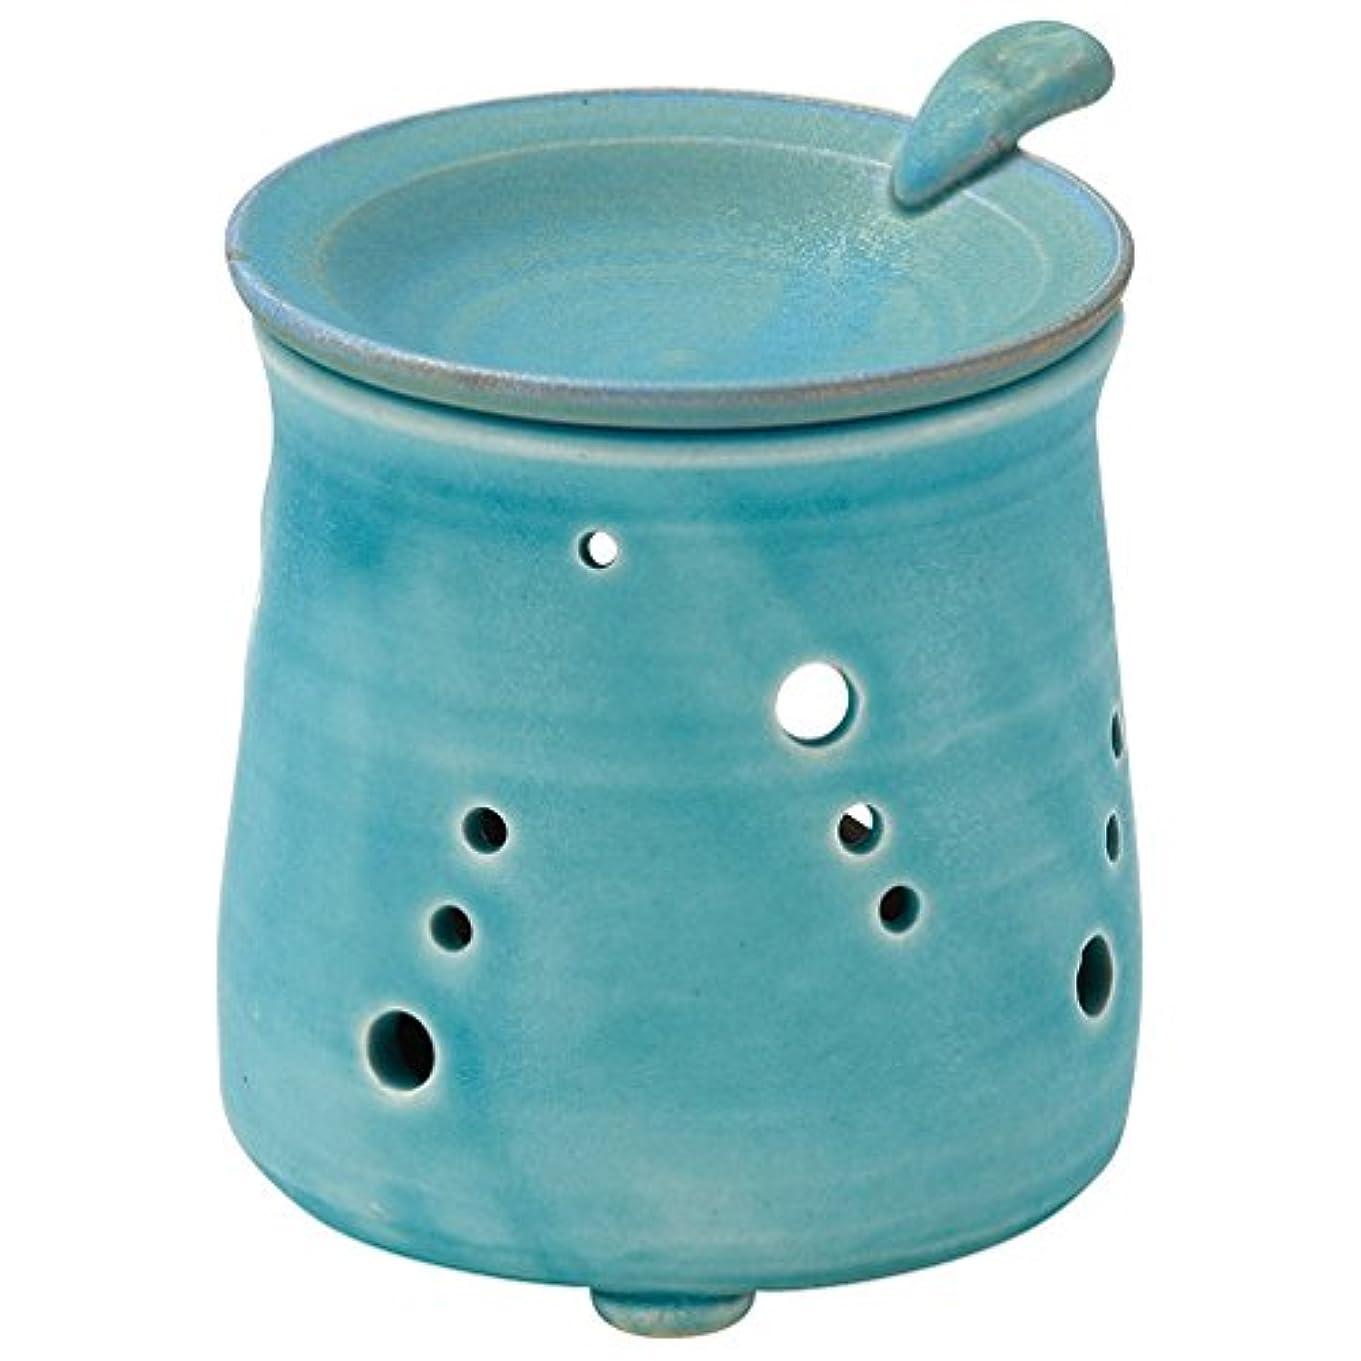 部分水カレンダー山下工芸 常滑焼 山田トルコブルー茶香炉 10×9.5×9.5cm 13045690